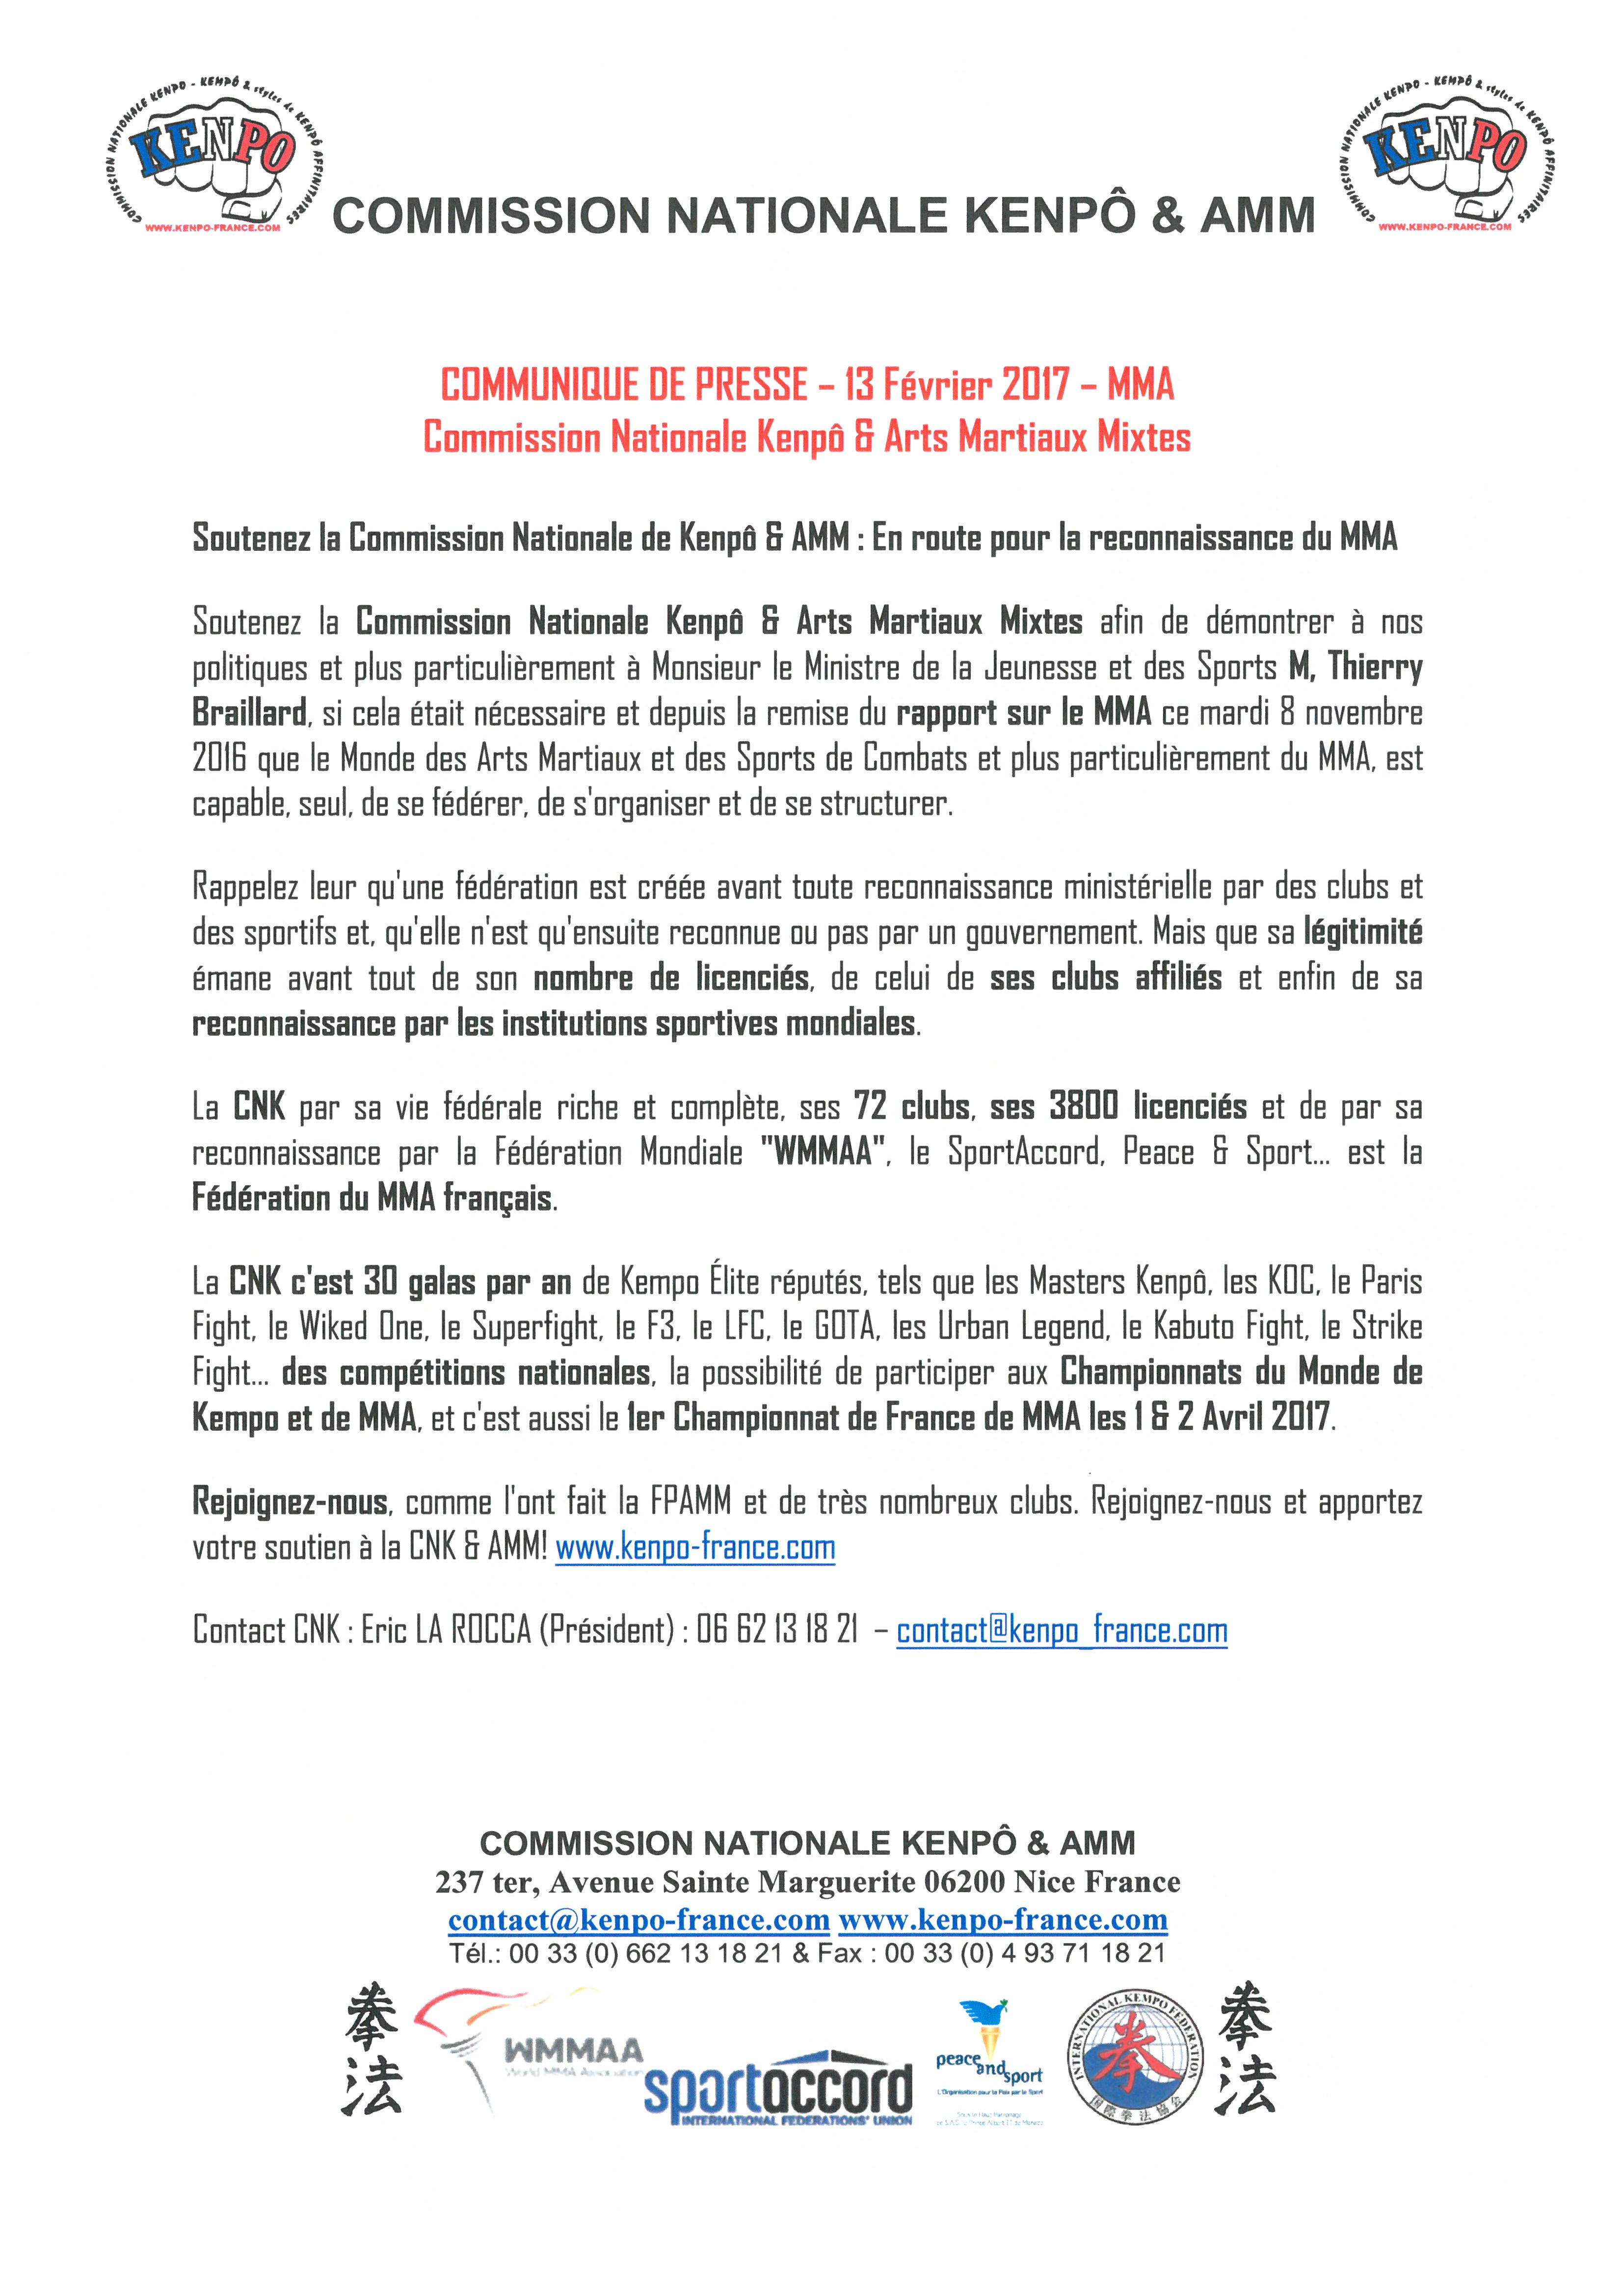 COMMUNIQUE DE PRESSE 13 FEVRIER 2017 MMA